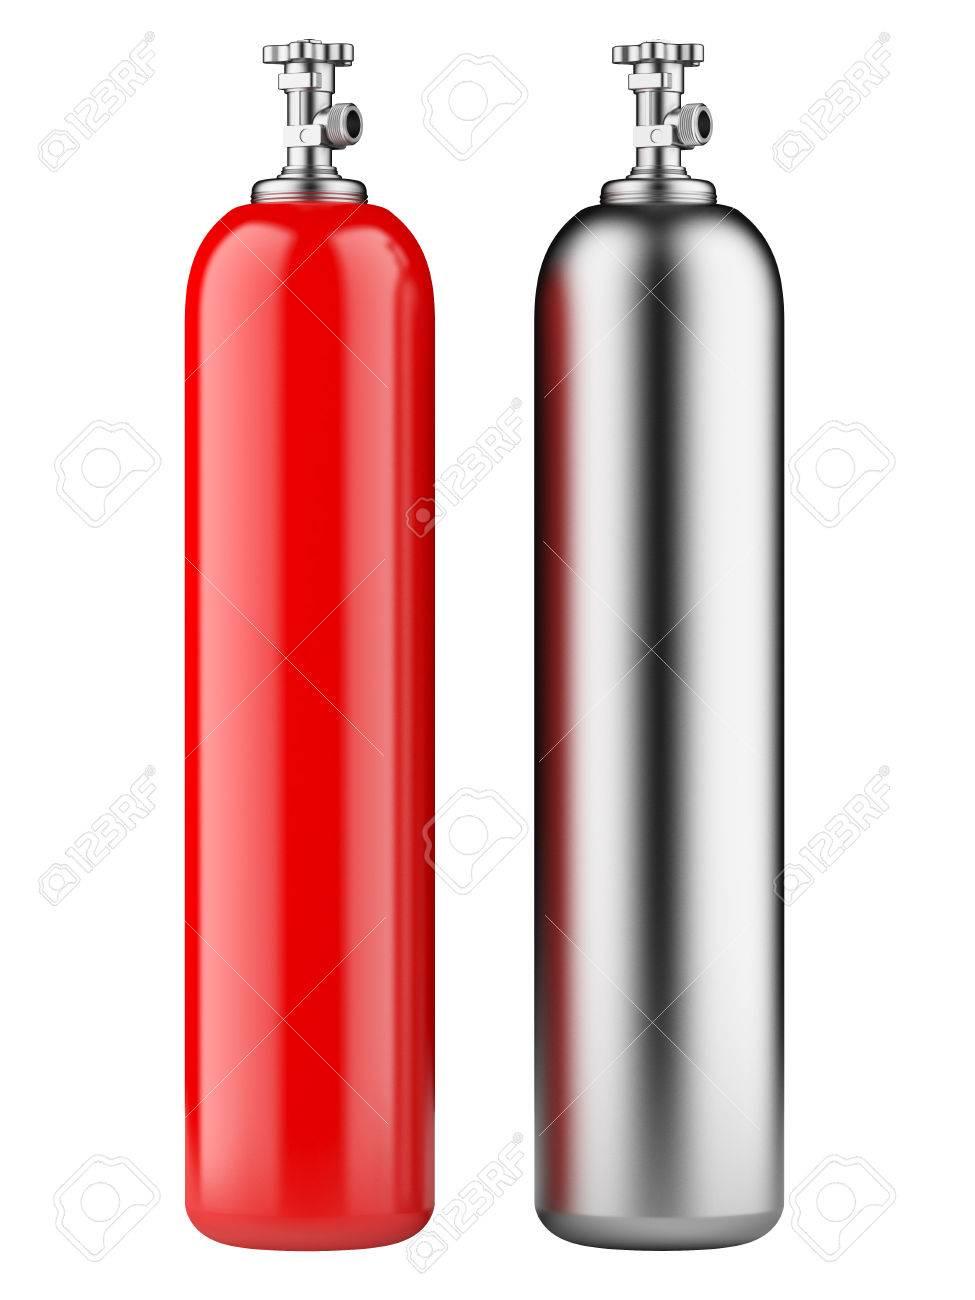 Bouteilles De Propane Rouges Et Métalliques Avec Du Gaz Comprimé